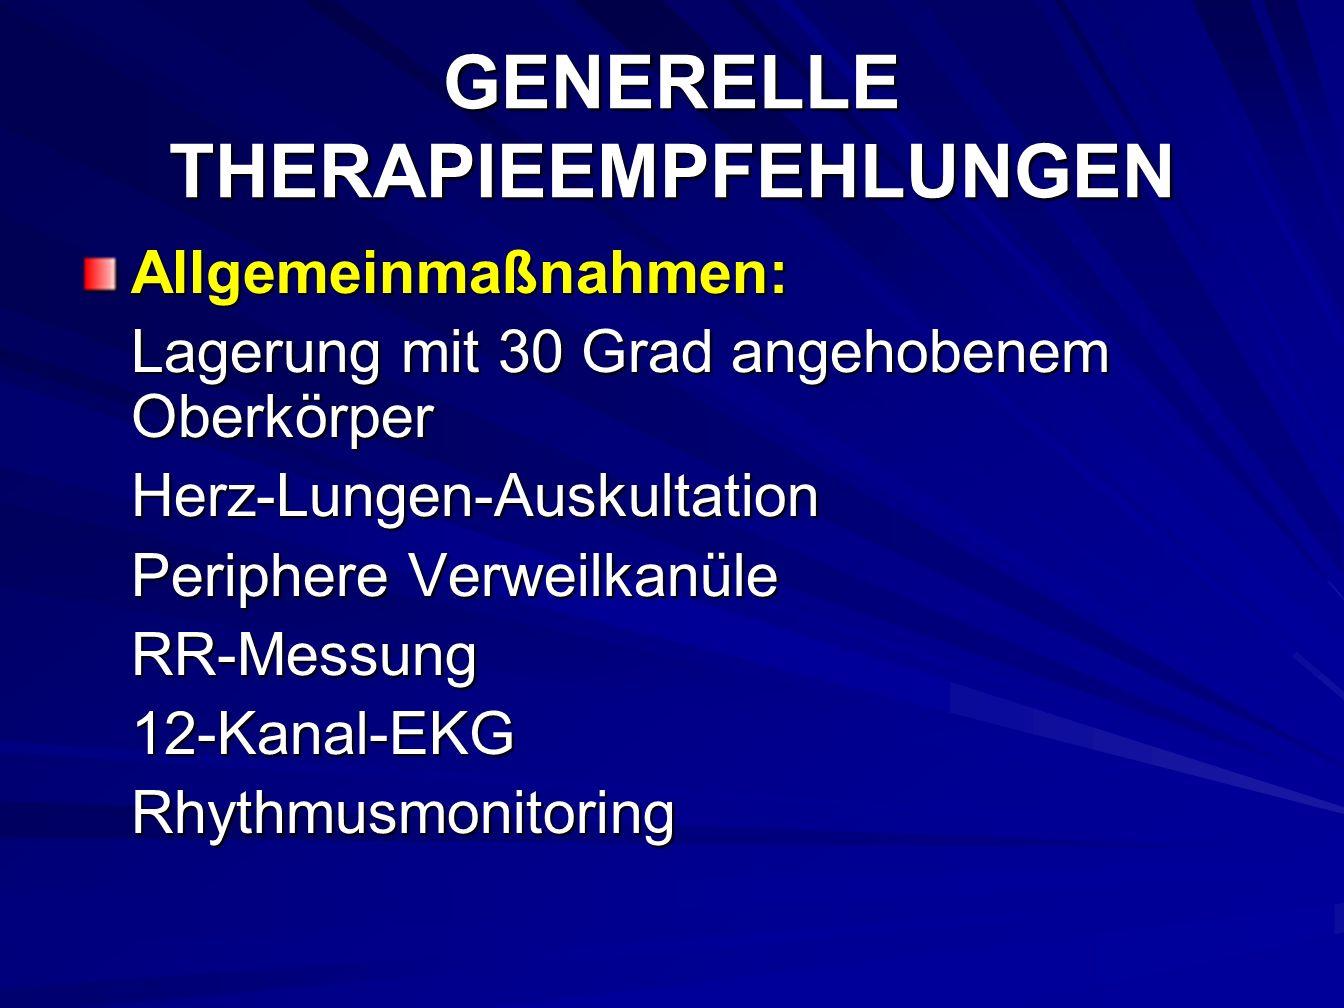 GENERELLE THERAPIEEMPFEHLUNGEN Allgemeinmaßnahmen: Lagerung mit 30 Grad angehobenem Oberkörper Herz-Lungen-Auskultation Periphere Verweilkanüle RR-Messung12-Kanal-EKGRhythmusmonitoring